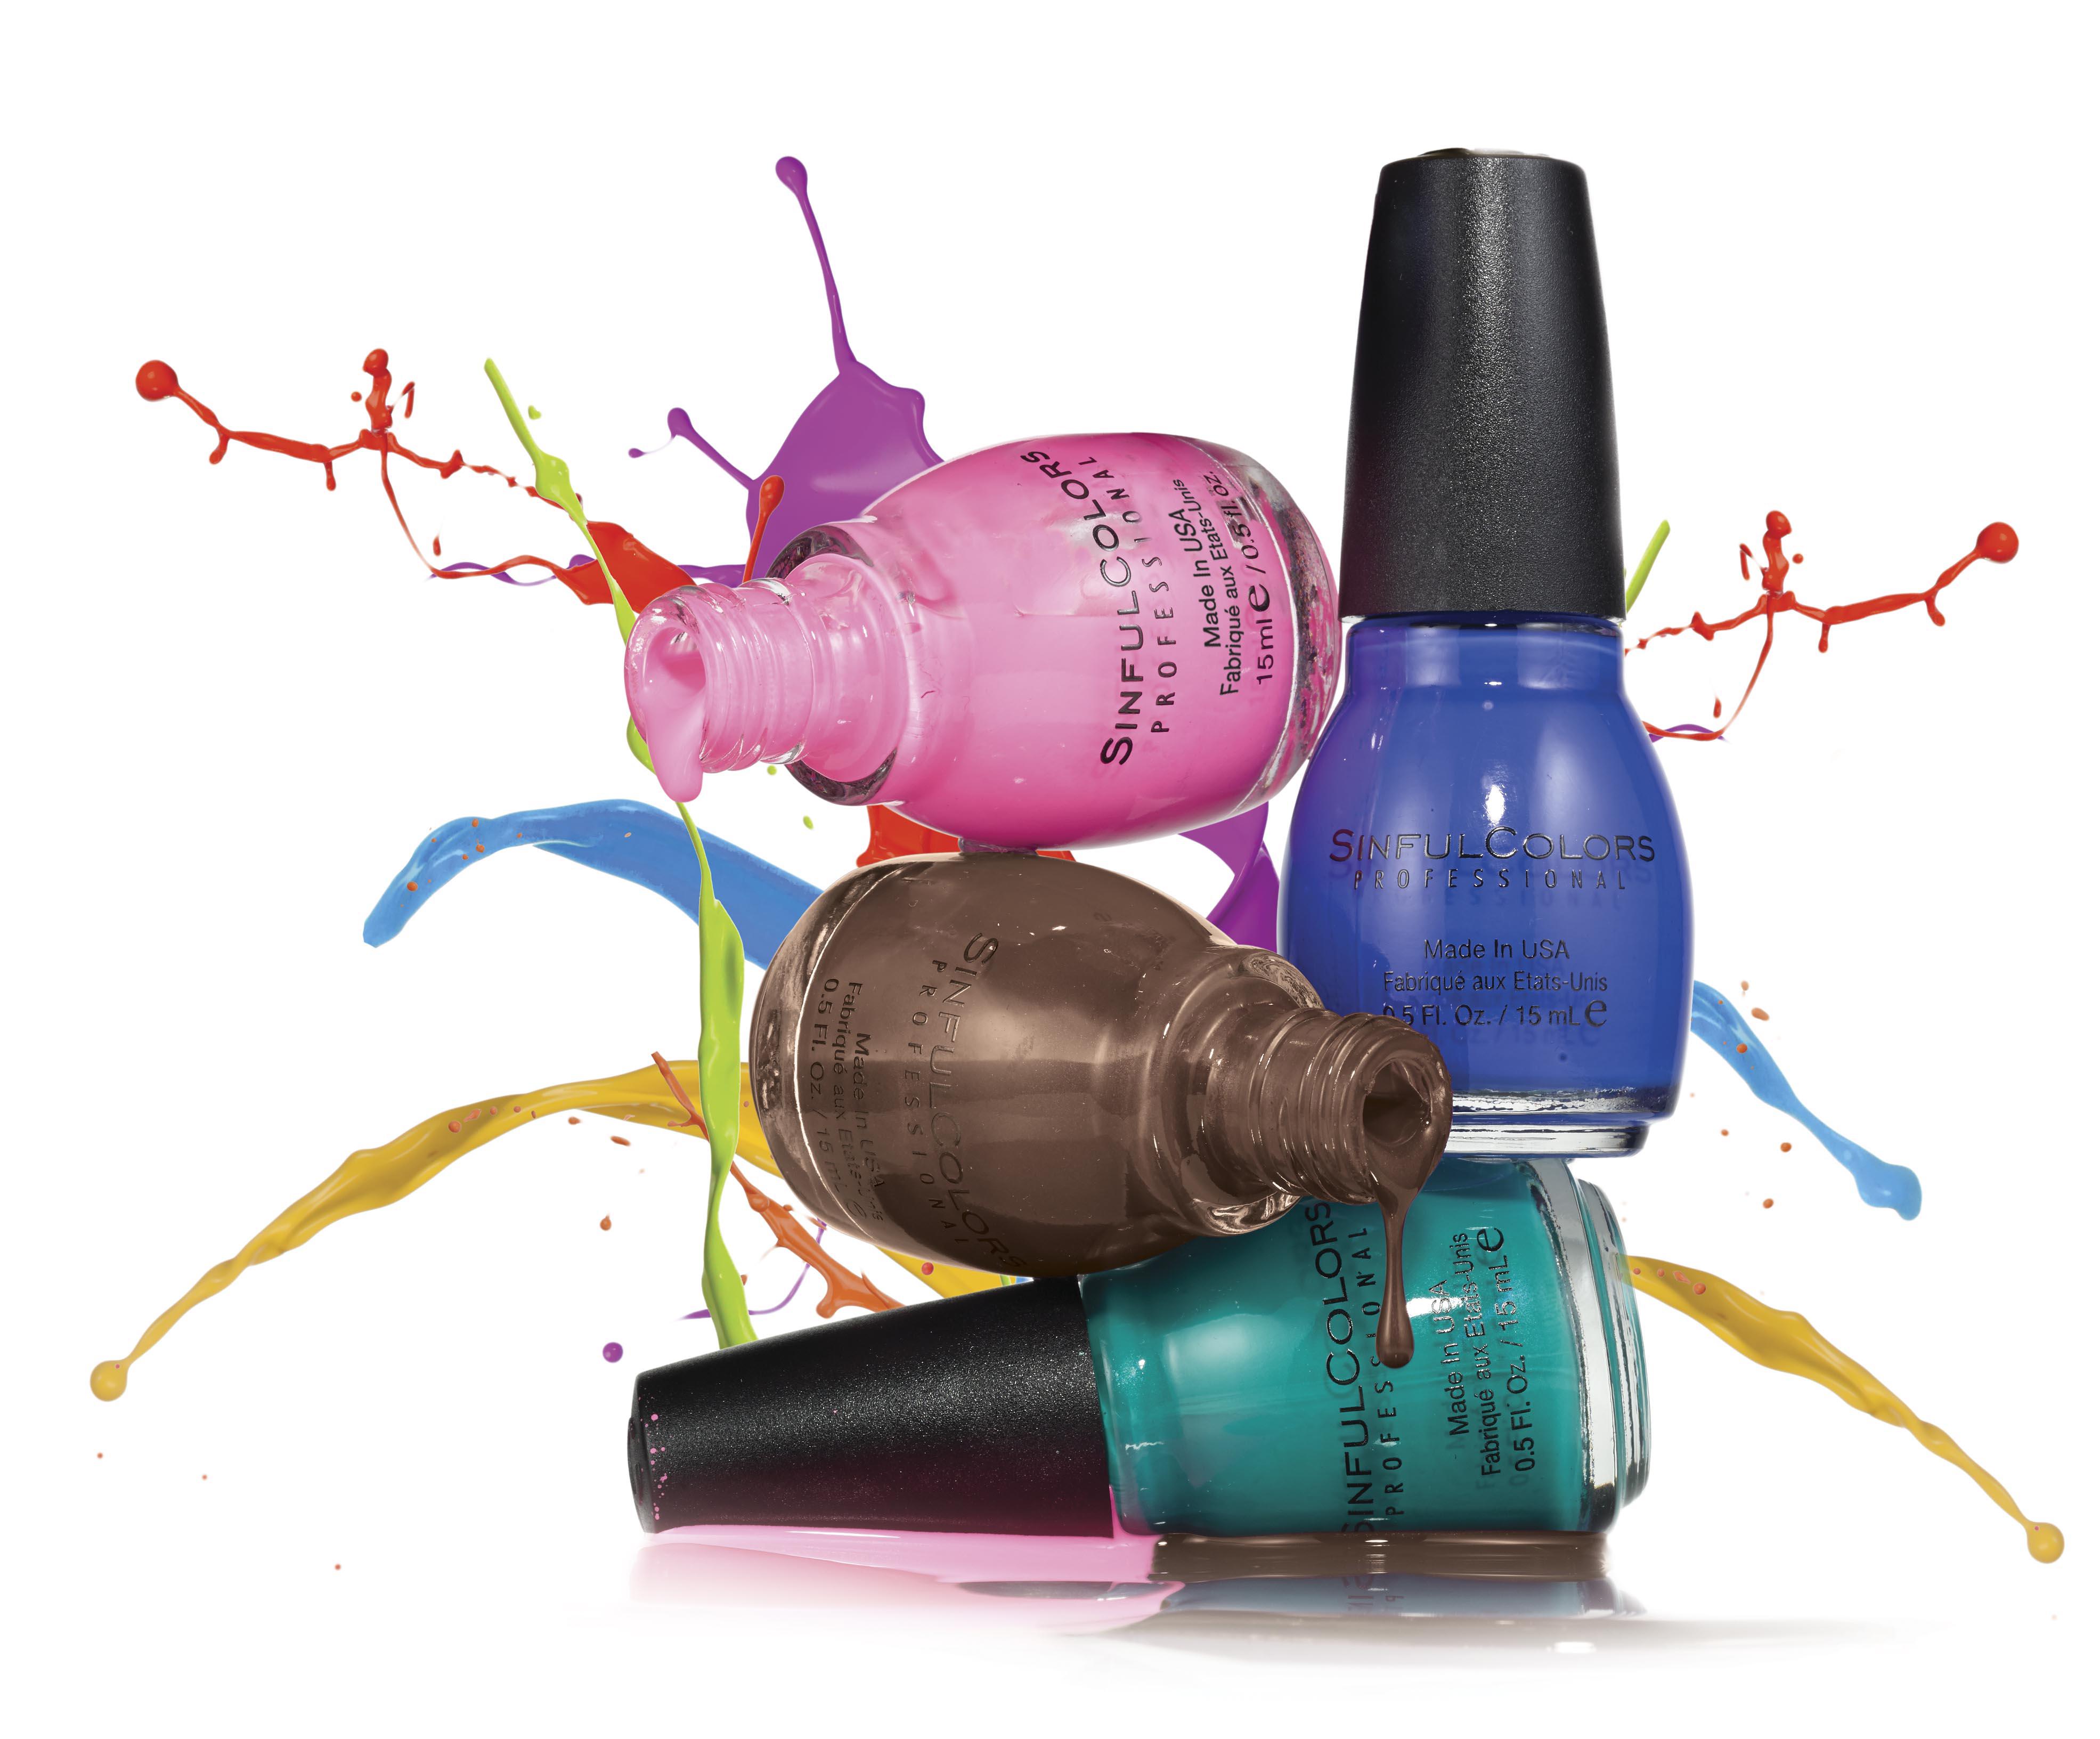 A marca Sinful Colors chega ao Brasil com uma cartela de 49 cores incríveis e cheias de estilo. Na foto: Pink Forever, Midnight Blue e Nirvana Savage. O preço sugerido é R$ 6,99 (cada)